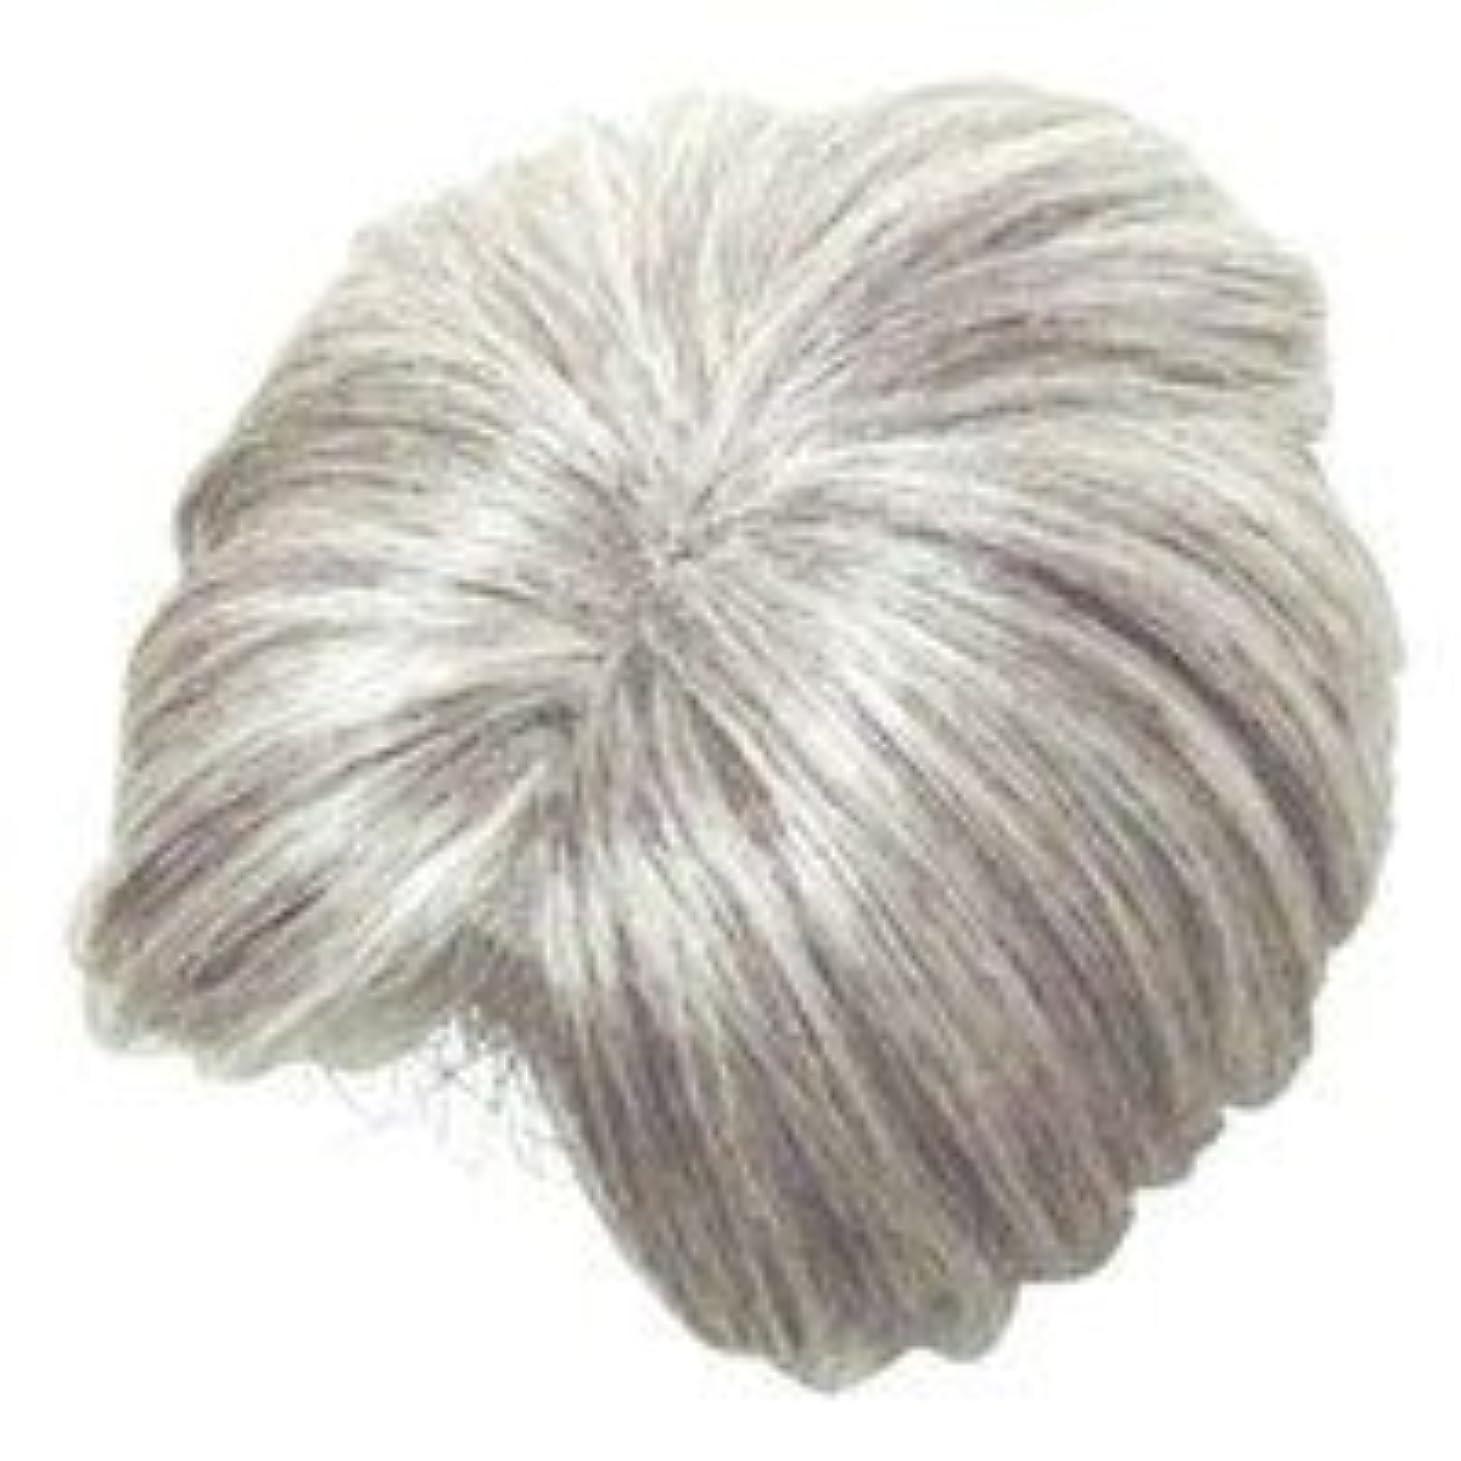 獣差別非公式モアヘアピース部分かつら (白髪80パーセント)